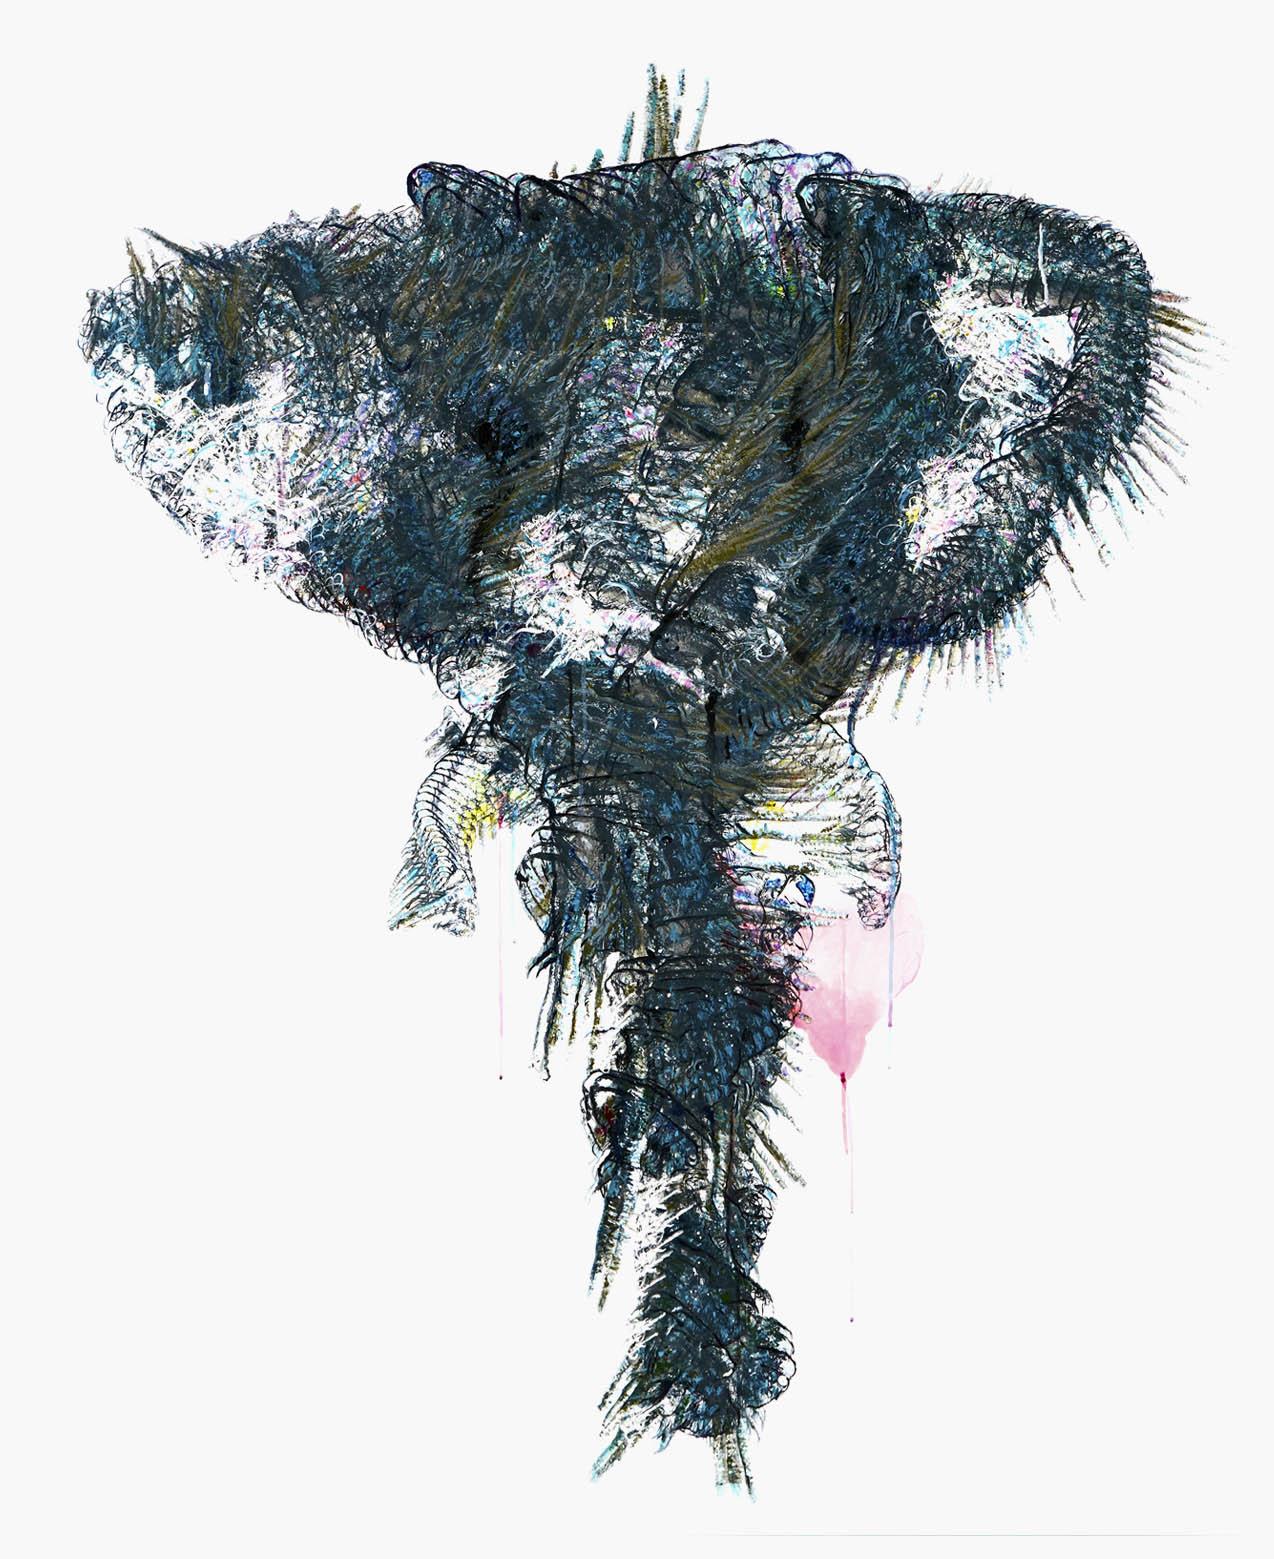 elephant-artwork.jpg